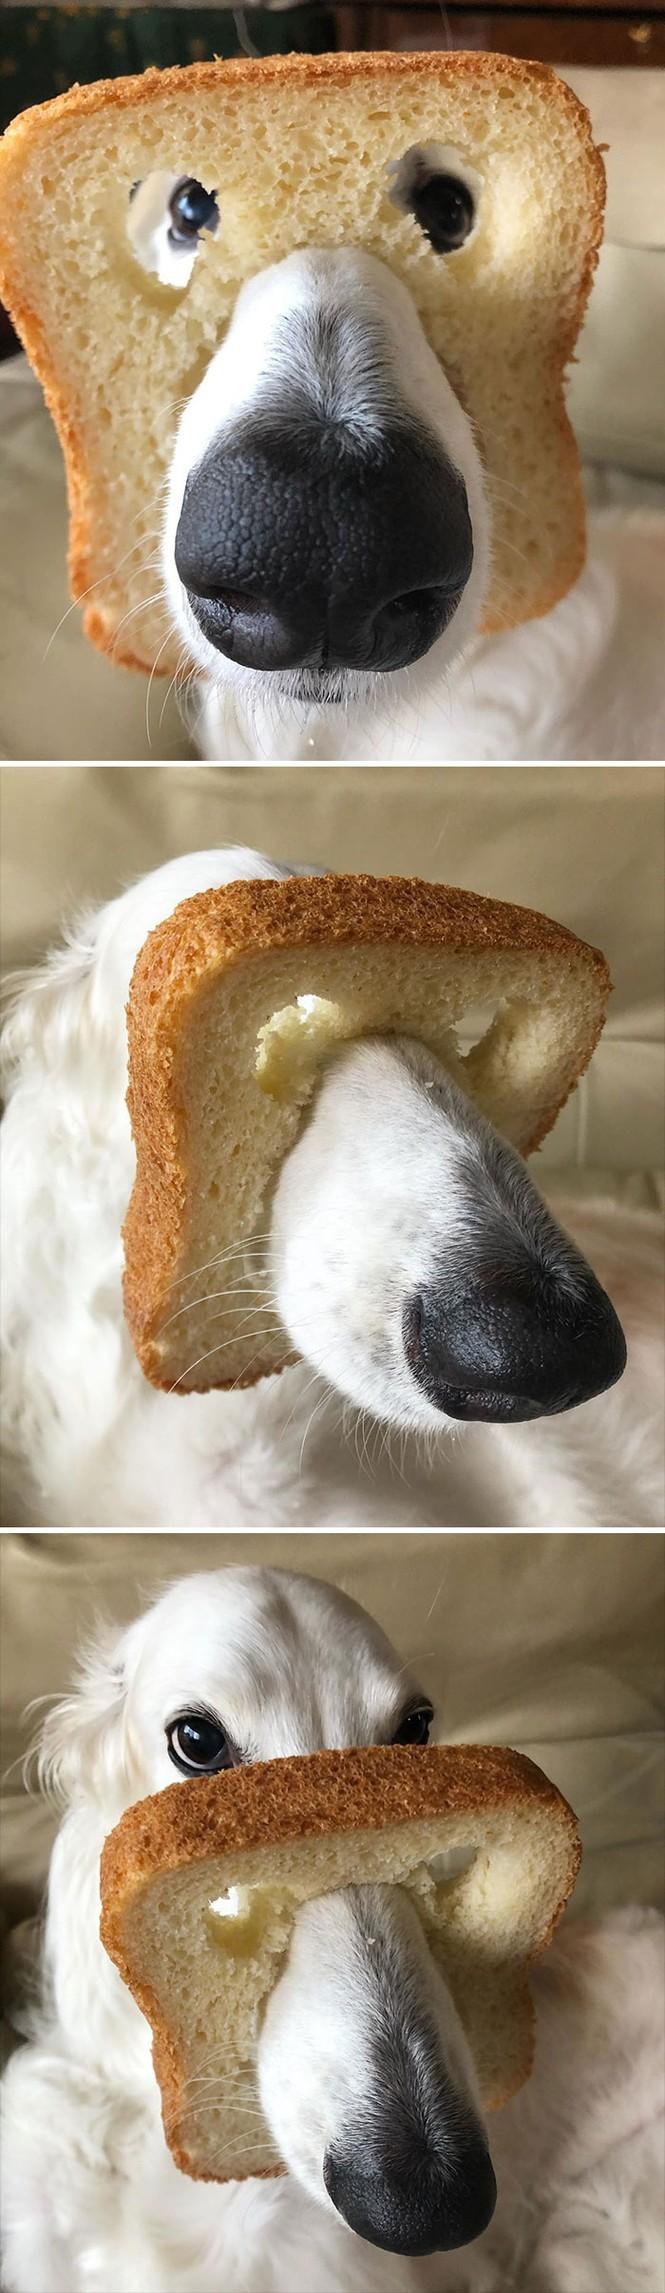 Ai bảo hóa trang cho thú cưng là khó lắm? Chỉ cần một miếng bánh mì là đủ! - ảnh 4